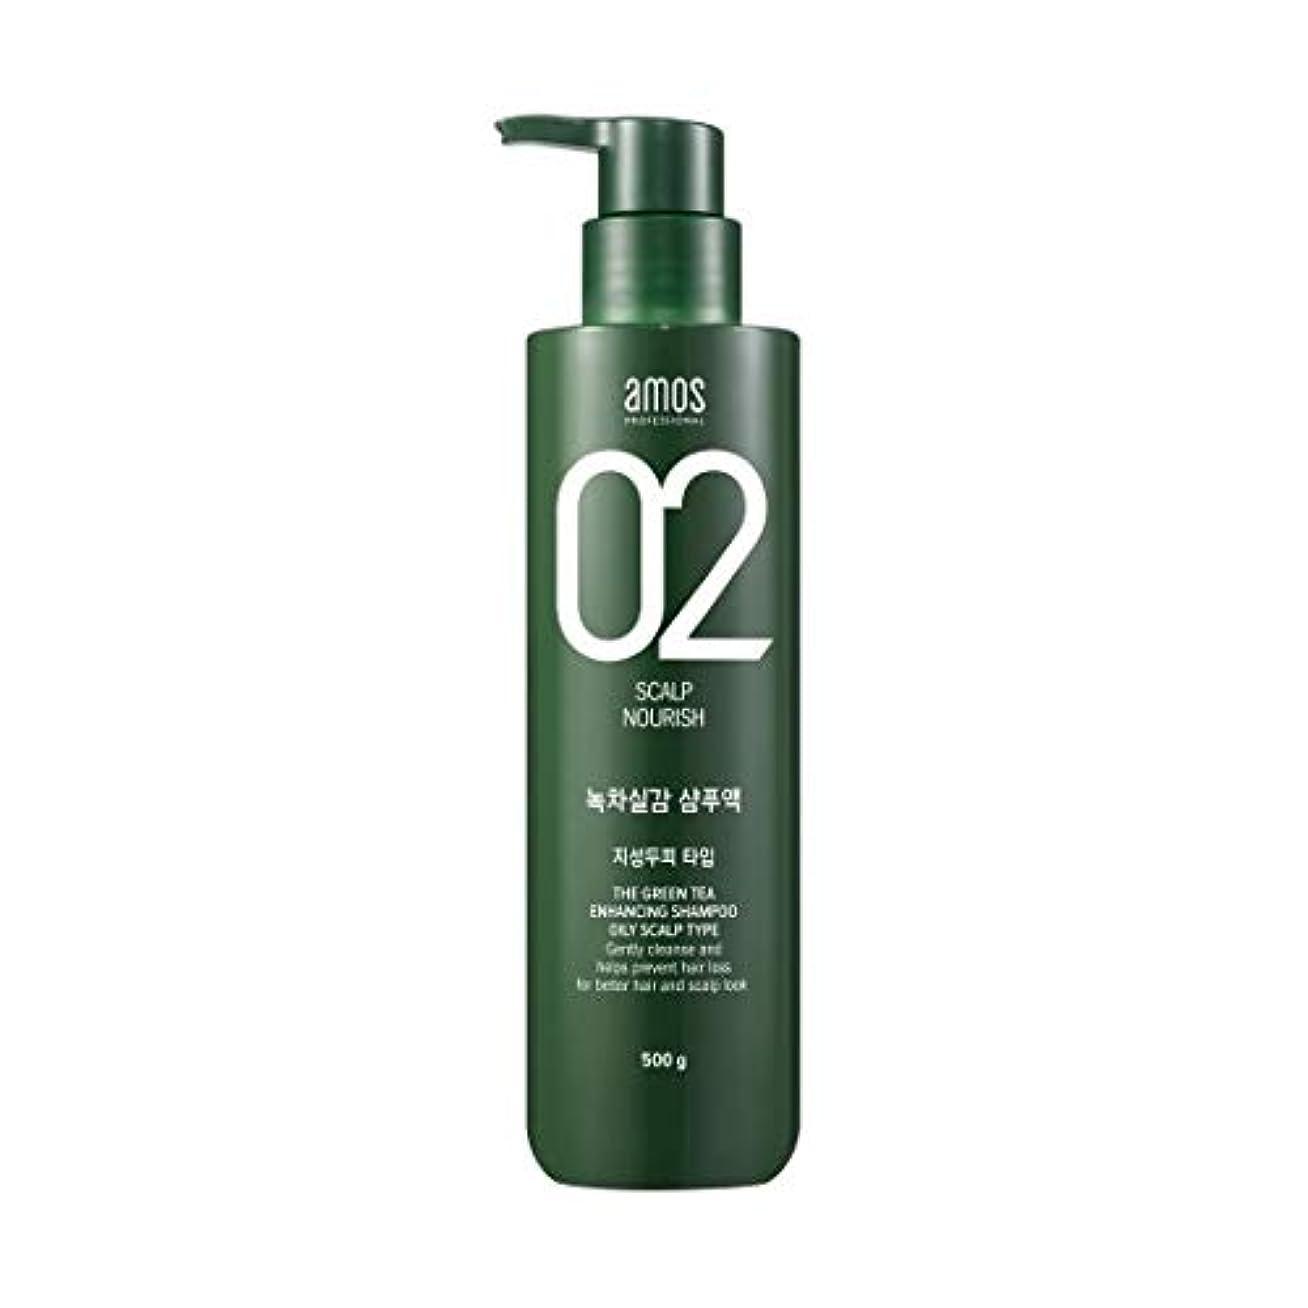 穴有望雹Amos Green Tea Enhancing Shampoo -Oily 500g / アモス ザ グリーンティー エンハンシング シャンプー # 脂性 オイリー スカルプタイプ [並行輸入品]